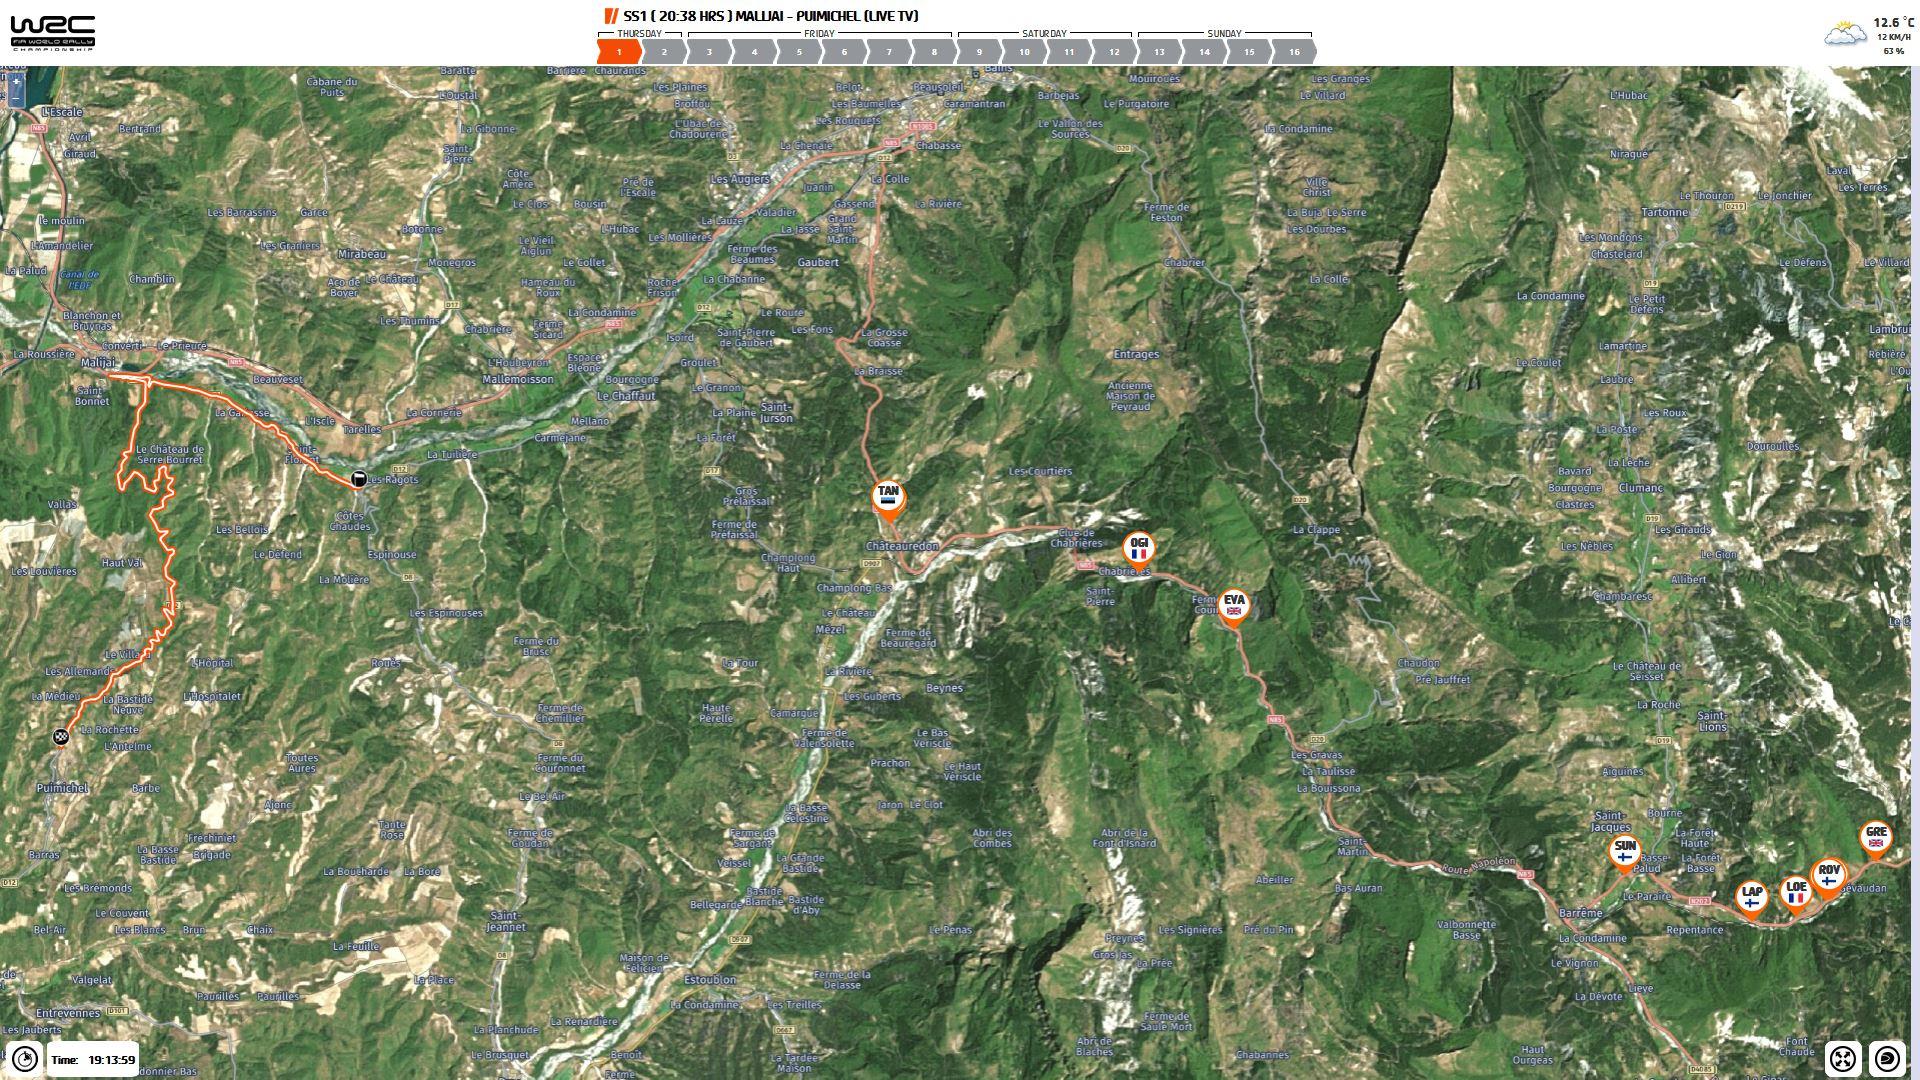 WRC: 88º Rallye Automobile de Monte-Carlo [20-26 de Enero] - Página 4 EO_EcbUUwAAvwMg?format=jpg&name=large